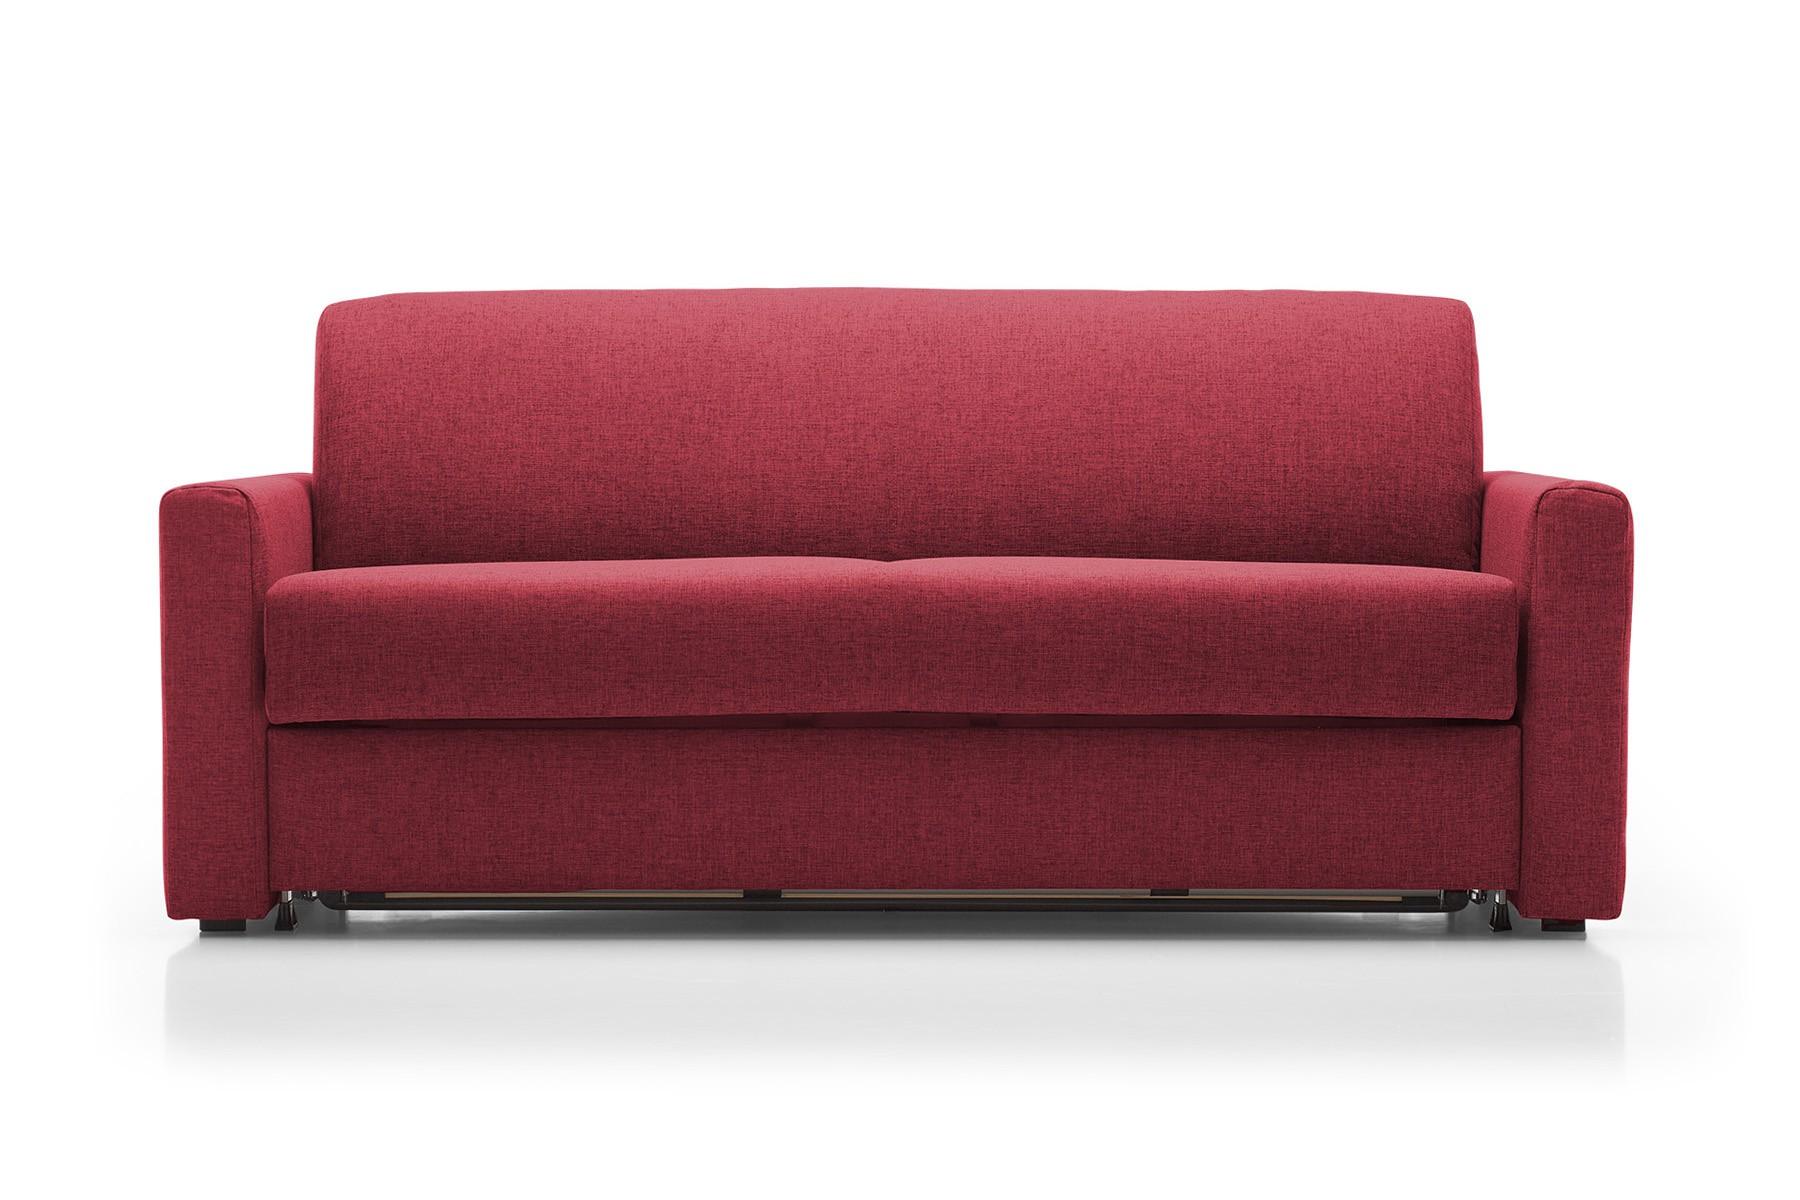 2 sitzer sofa jugendzimmer microfiber sectional chaise schlafsofas warme bettwäsche winter begehbare